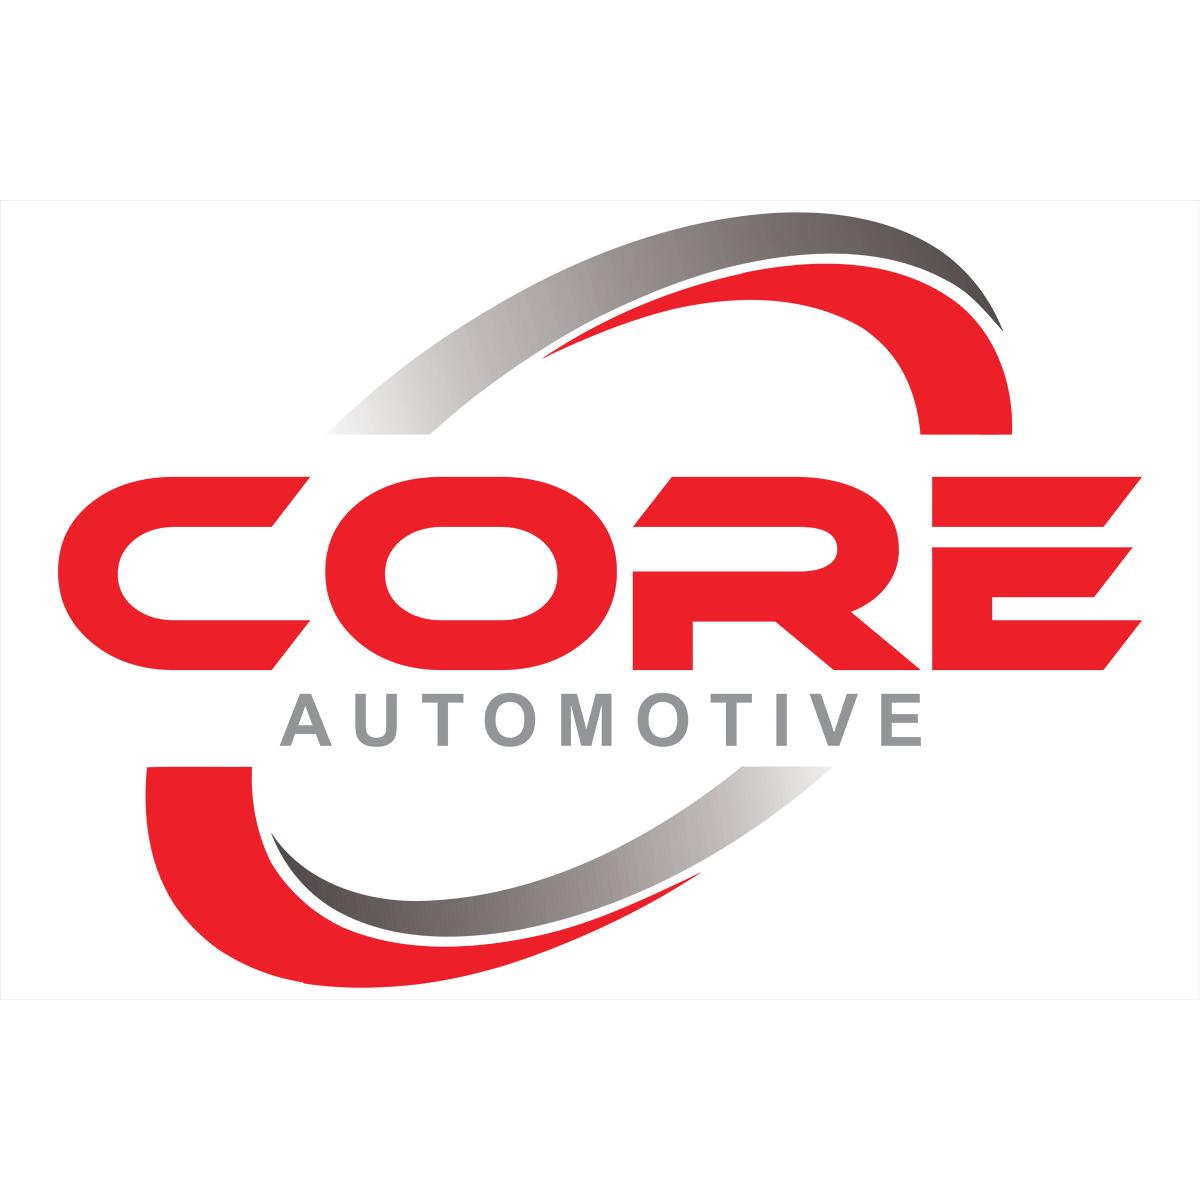 Core Automotive - Tempe, AZ - General Auto Repair & Service